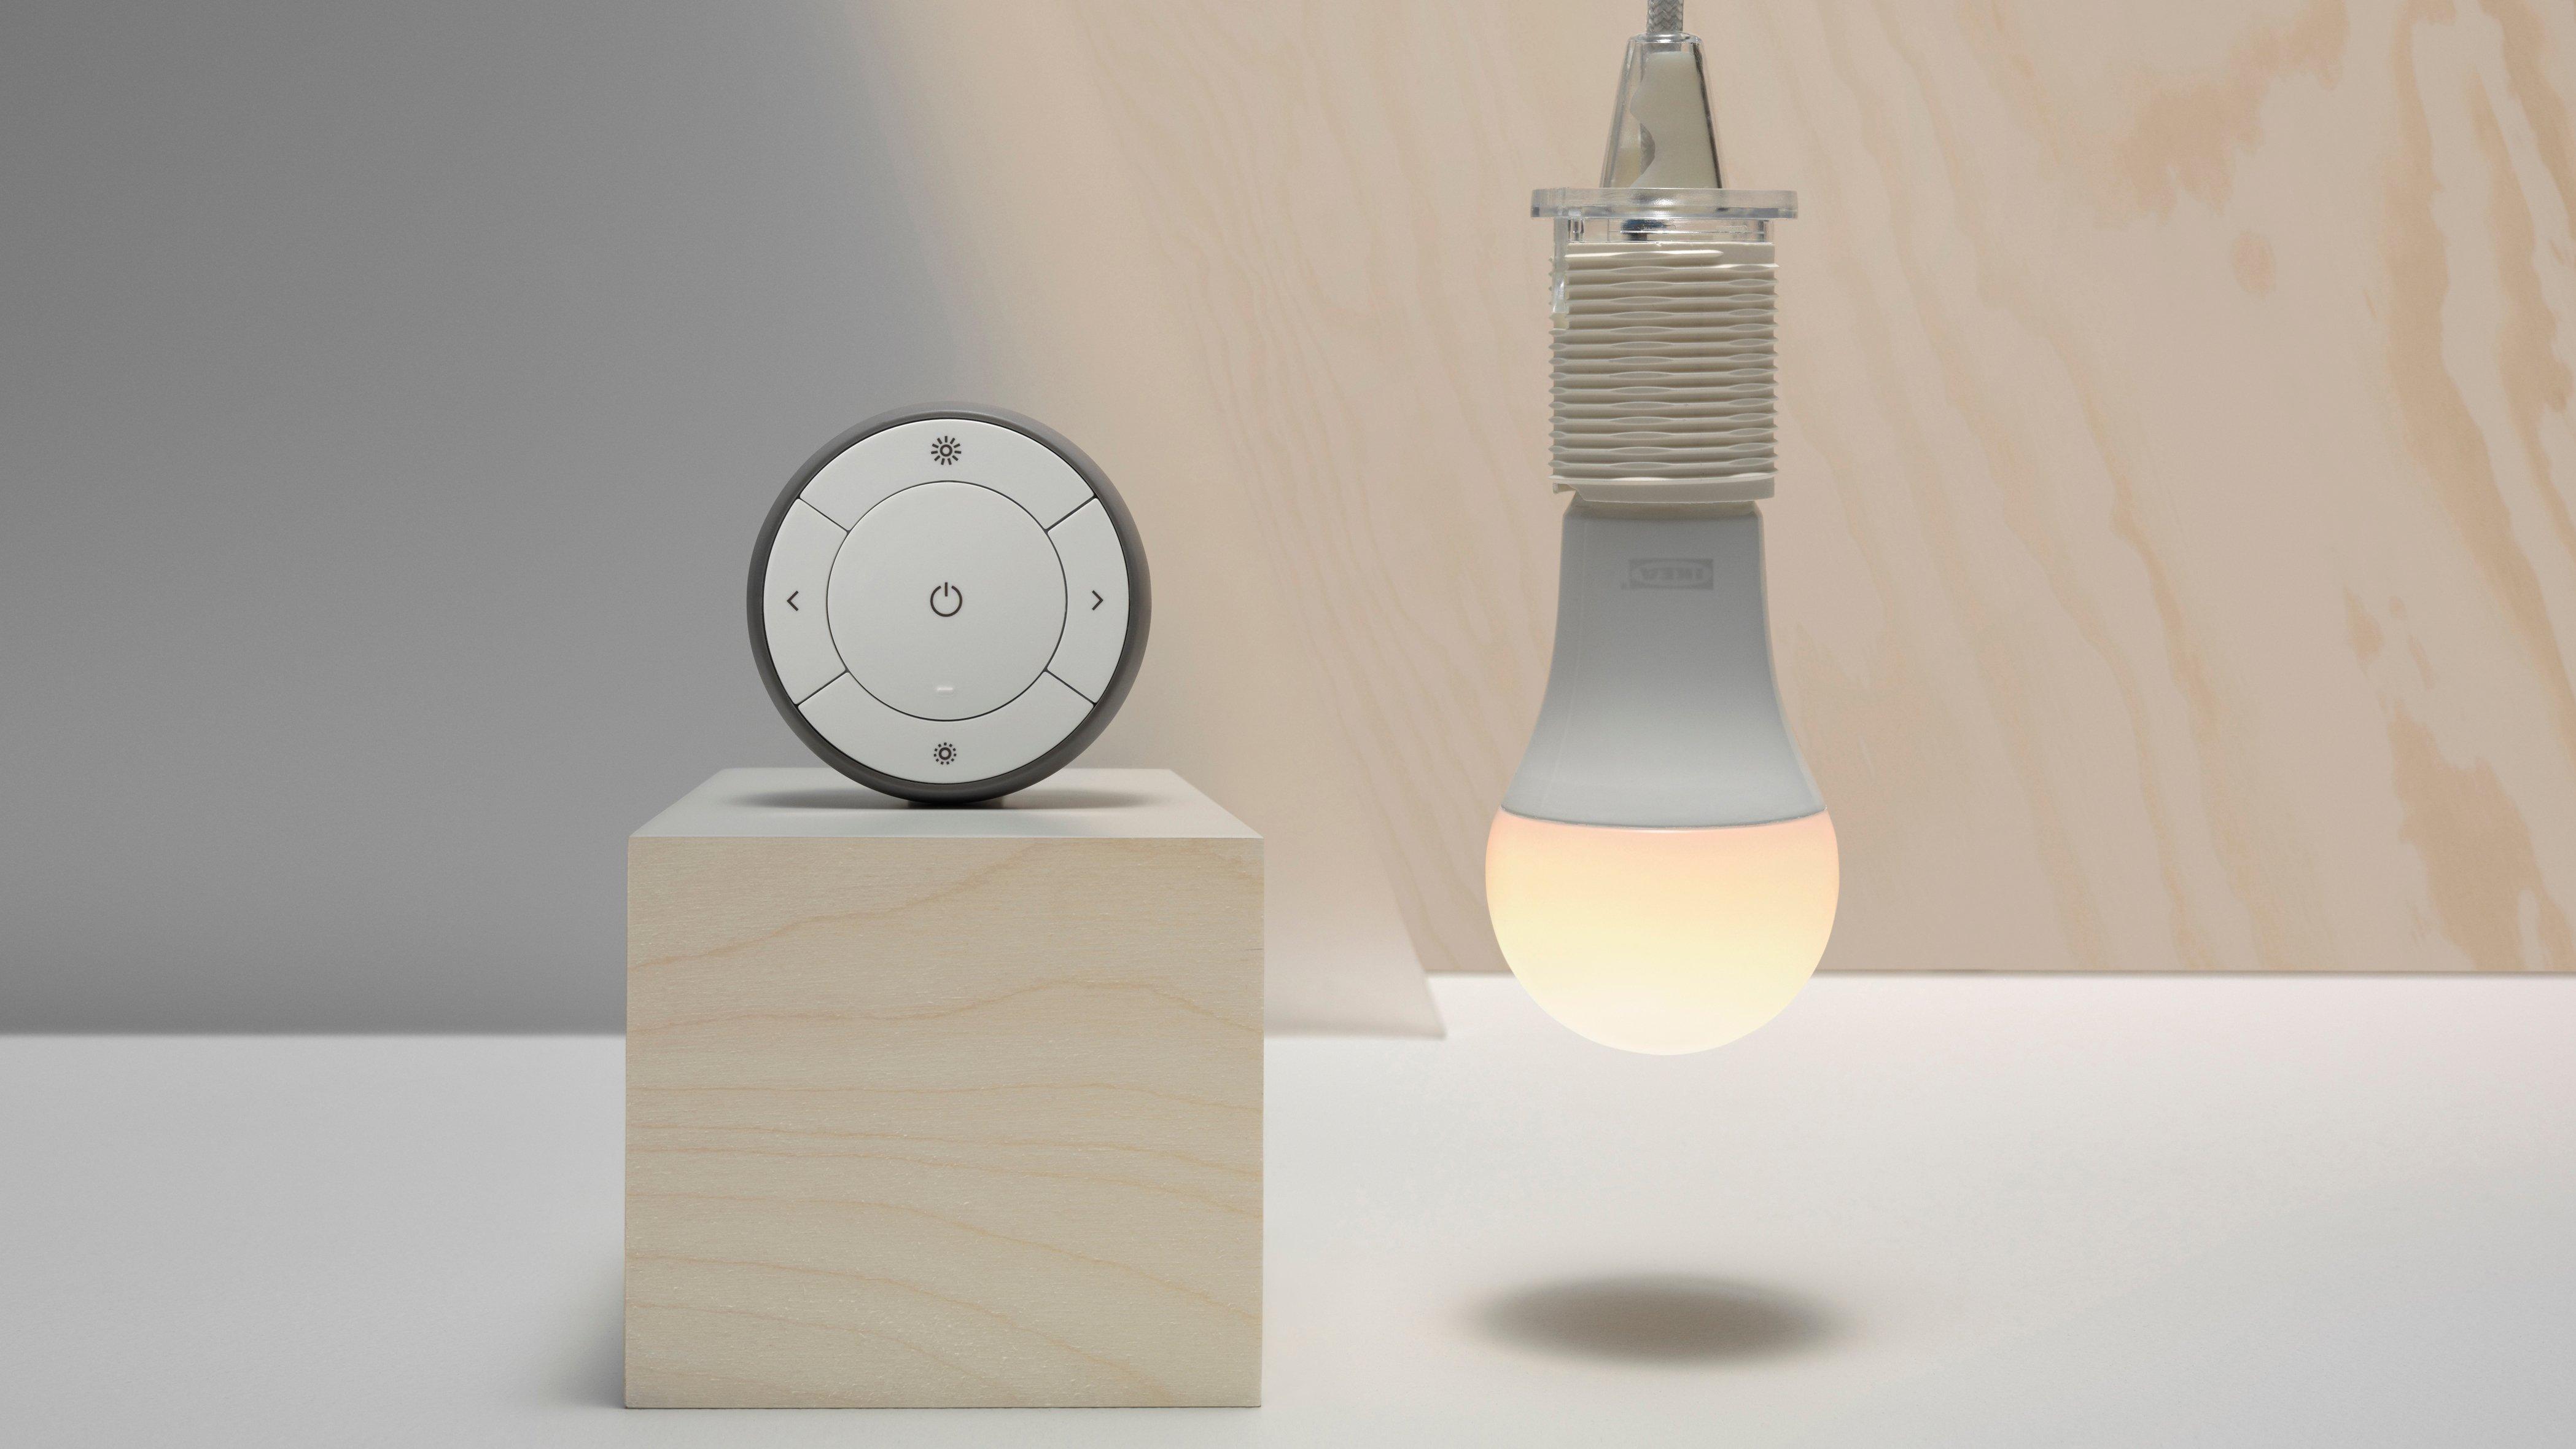 ikea-lamp-remote-hero Faszinierend Was ist Eine Glühlampe Dekorationen